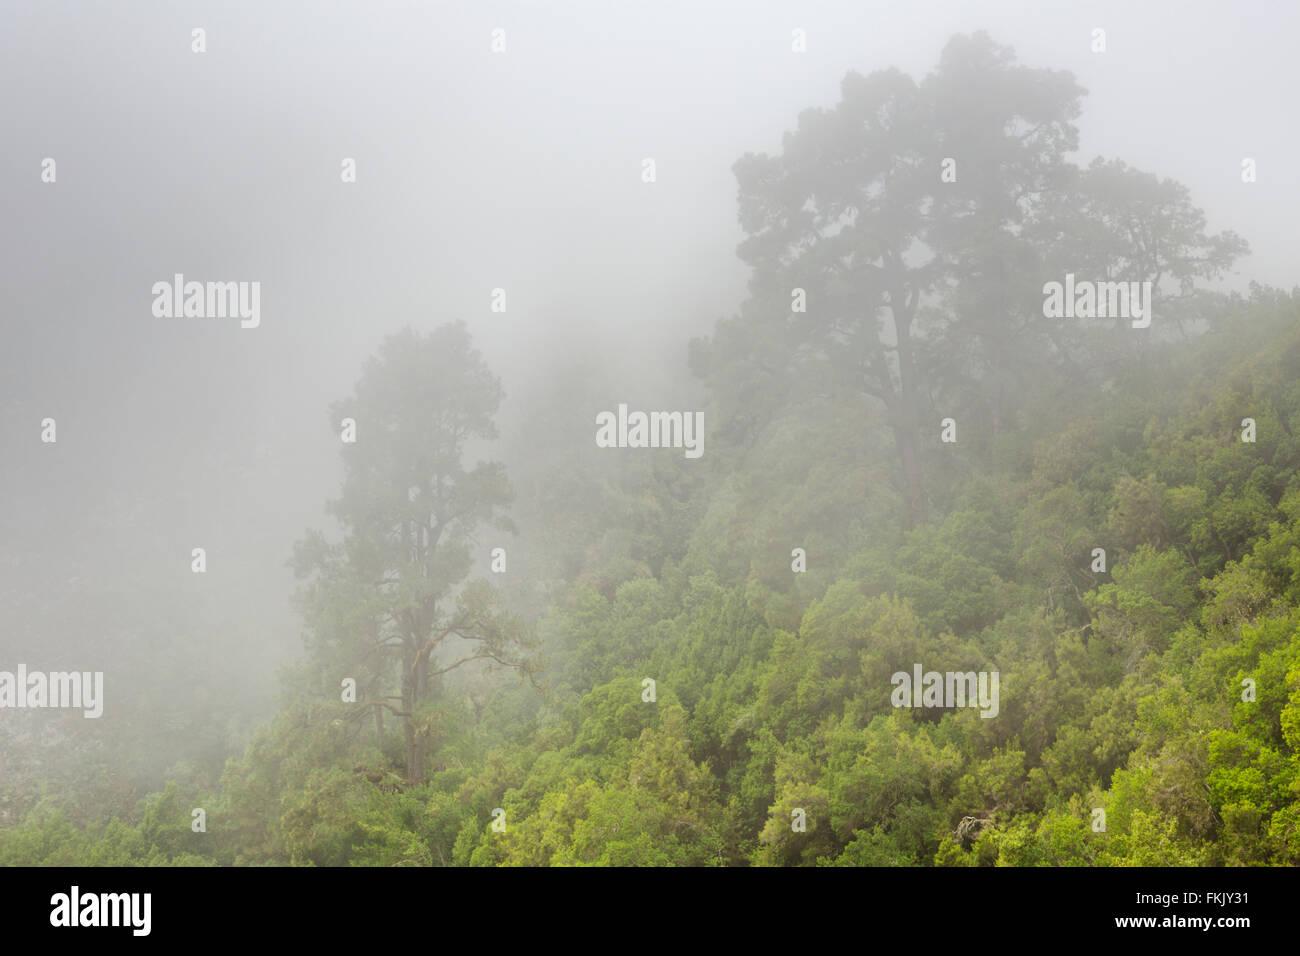 Bäume im Nebel im Wald Los Tilos auf La Palma, Kanarische Inseln, Spanien. Stockbild